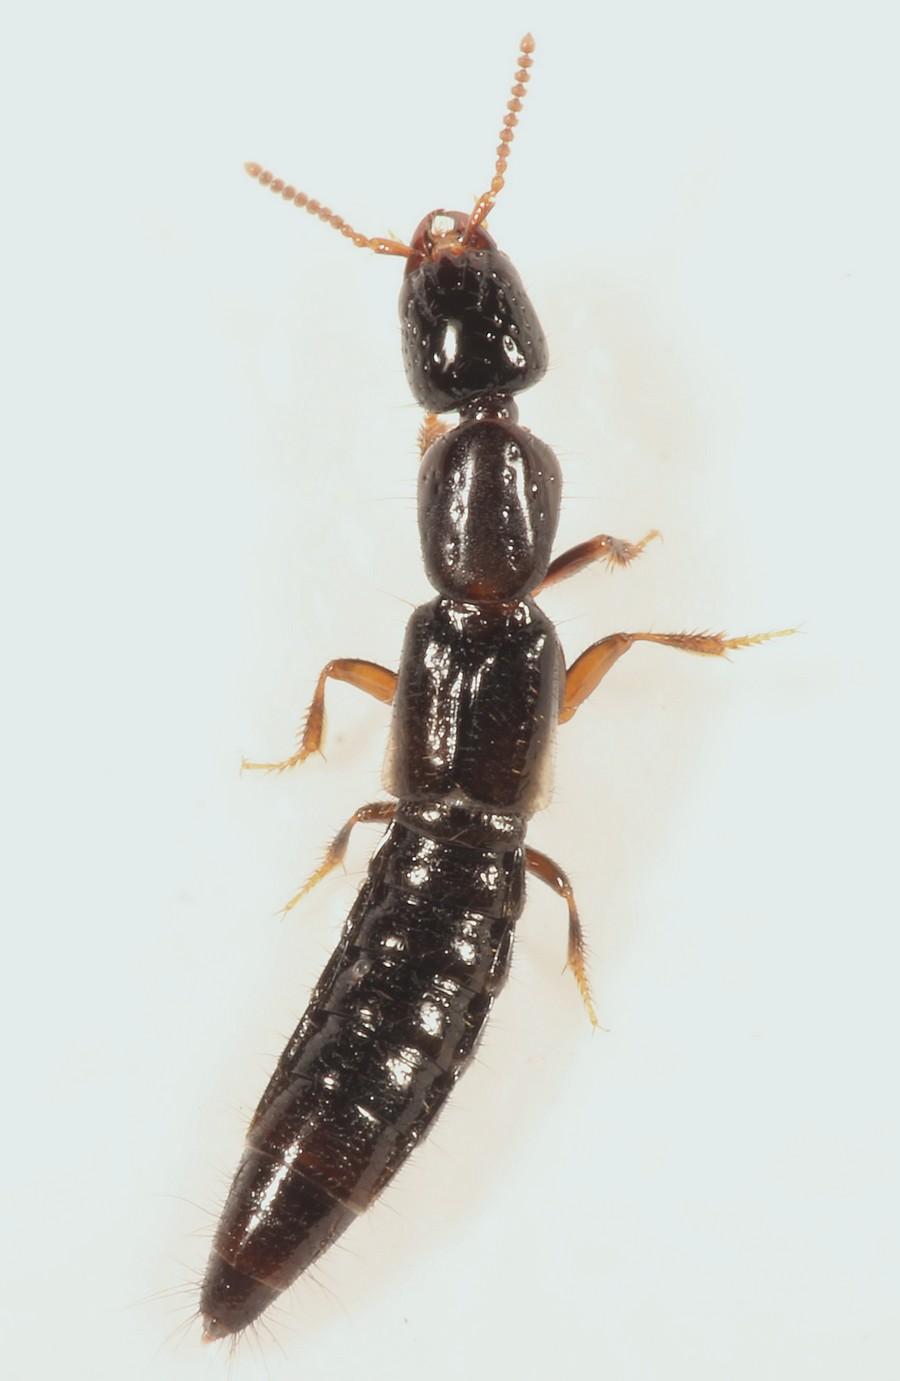 Phacophallus parumpunctatus